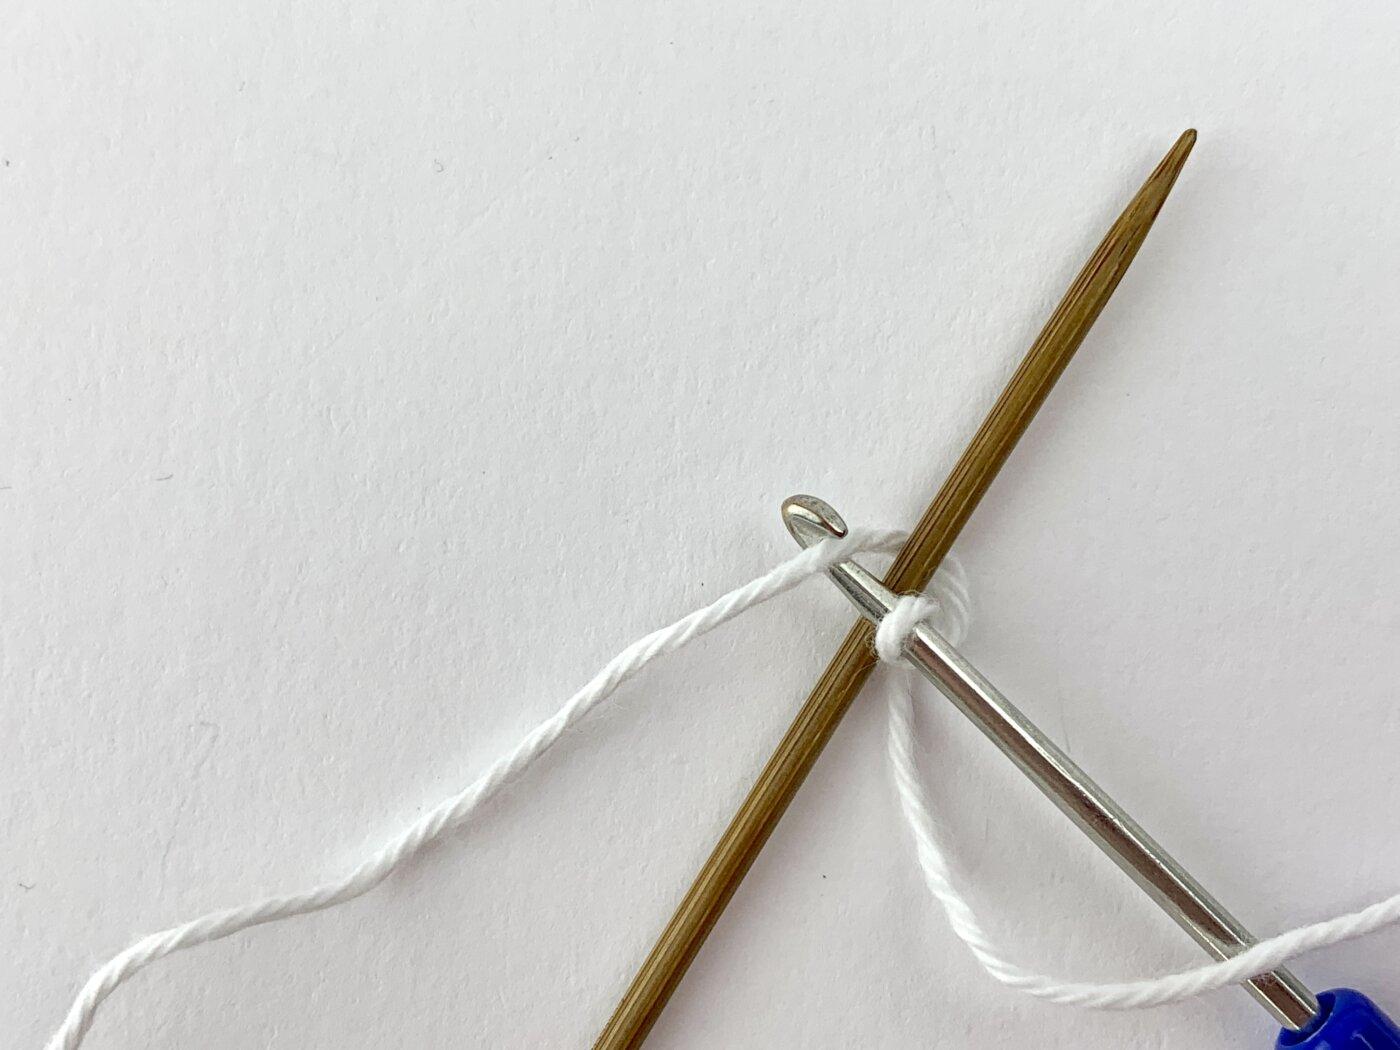 Mausezähnchen stricken - Der Arbeitsfaden wird von vorne mit der Häkelnadel gegriffen und durch die Schlinge auf der Häkelnadel gezogen.